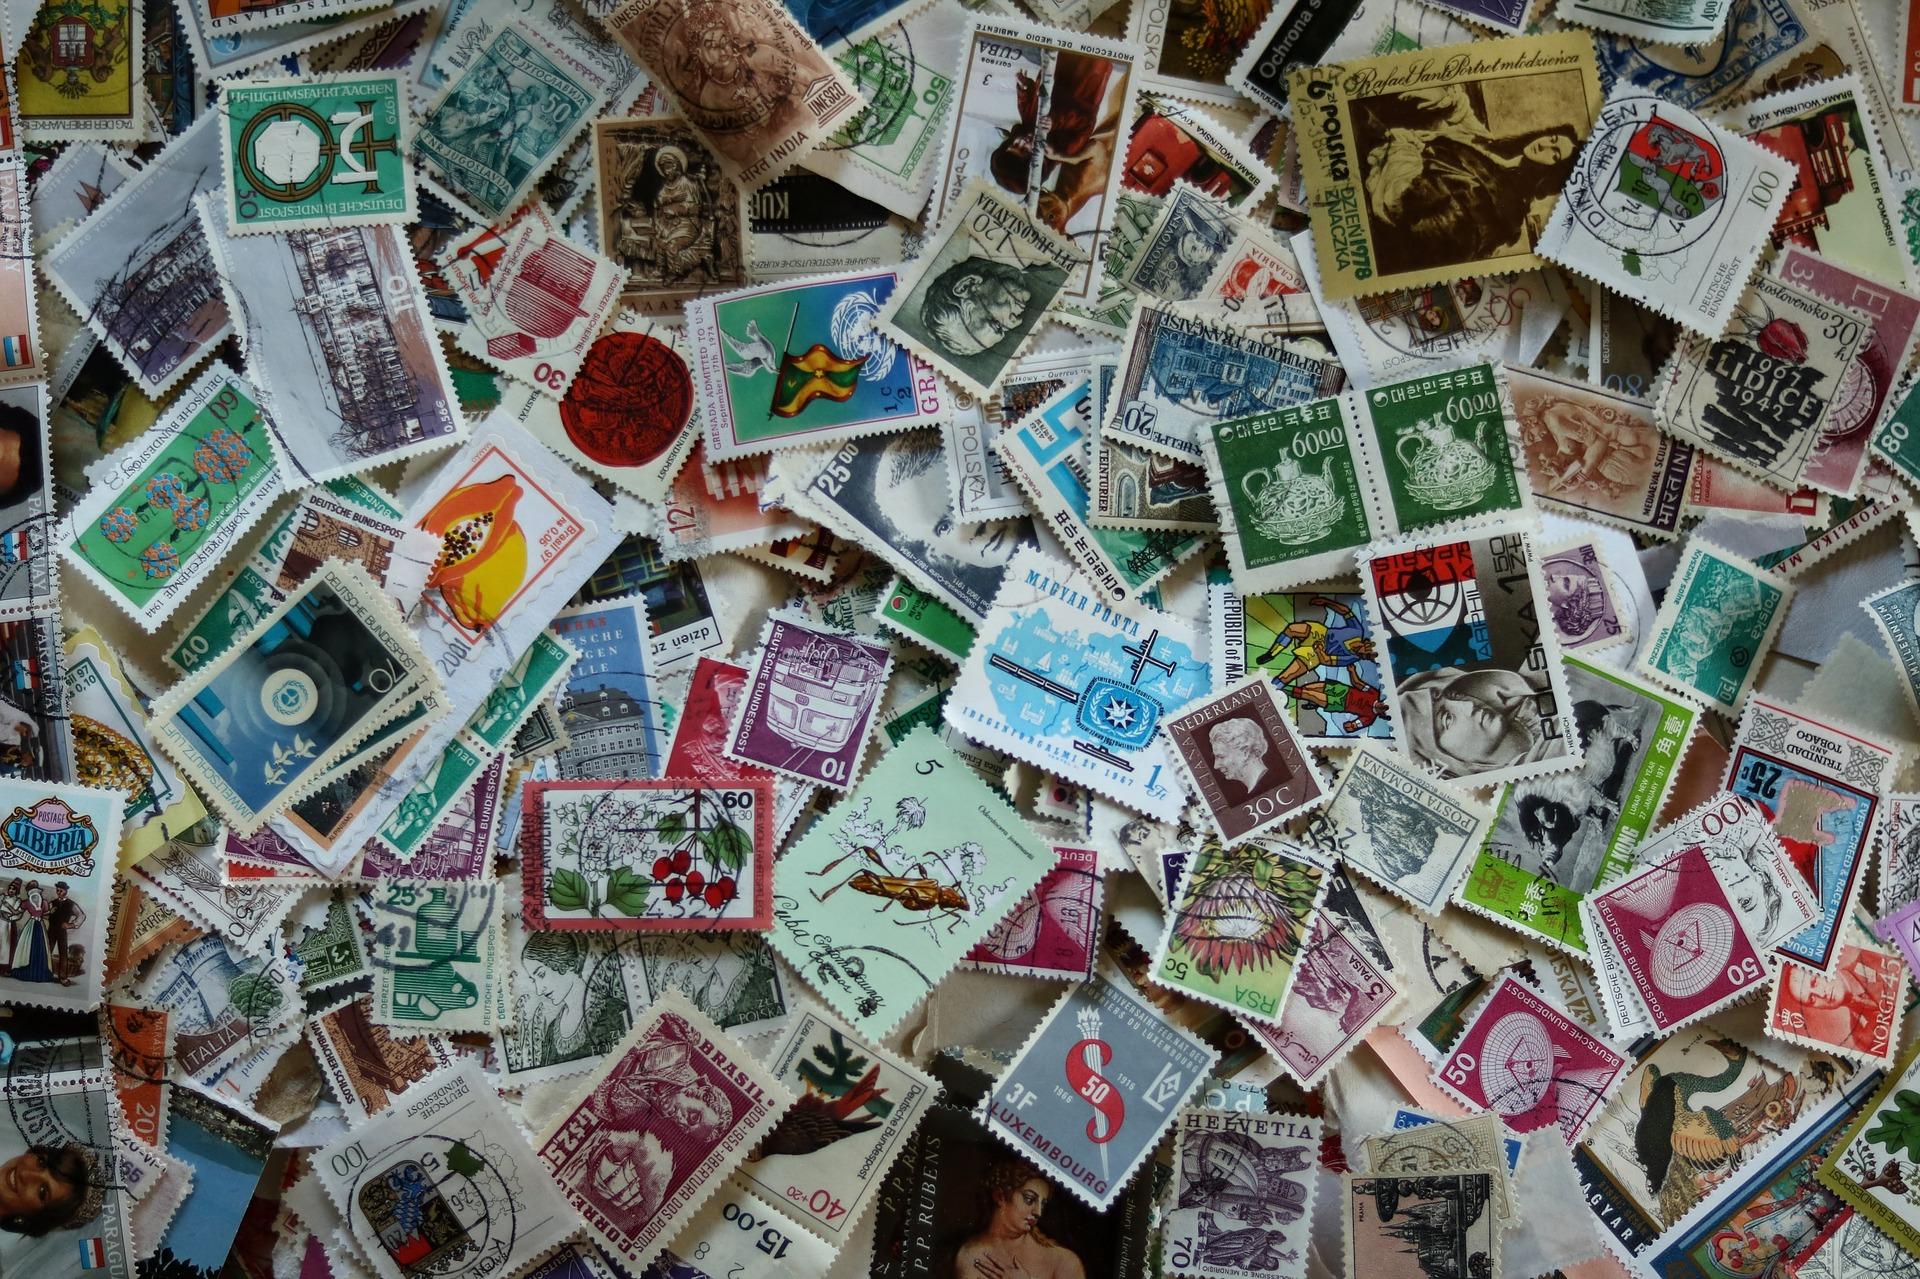 Storia del francobollo 2